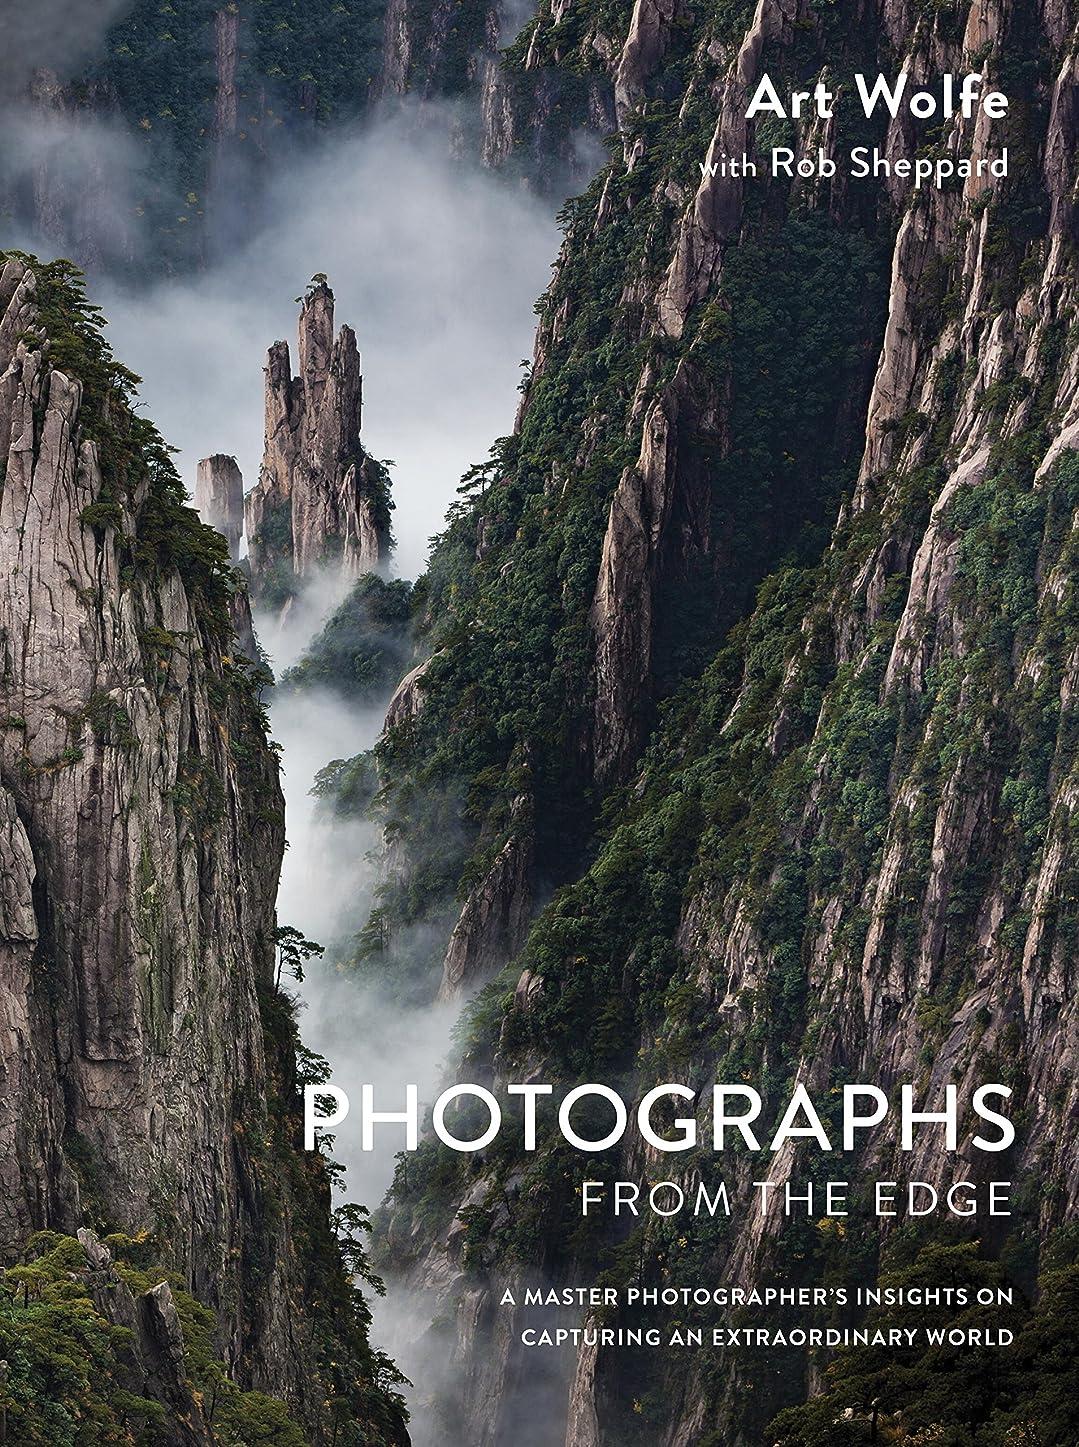 従順なニコチンよく話されるPhotographs from the Edge: A Master Photographer's Insights on Capturing an Extraordinary World (English Edition)